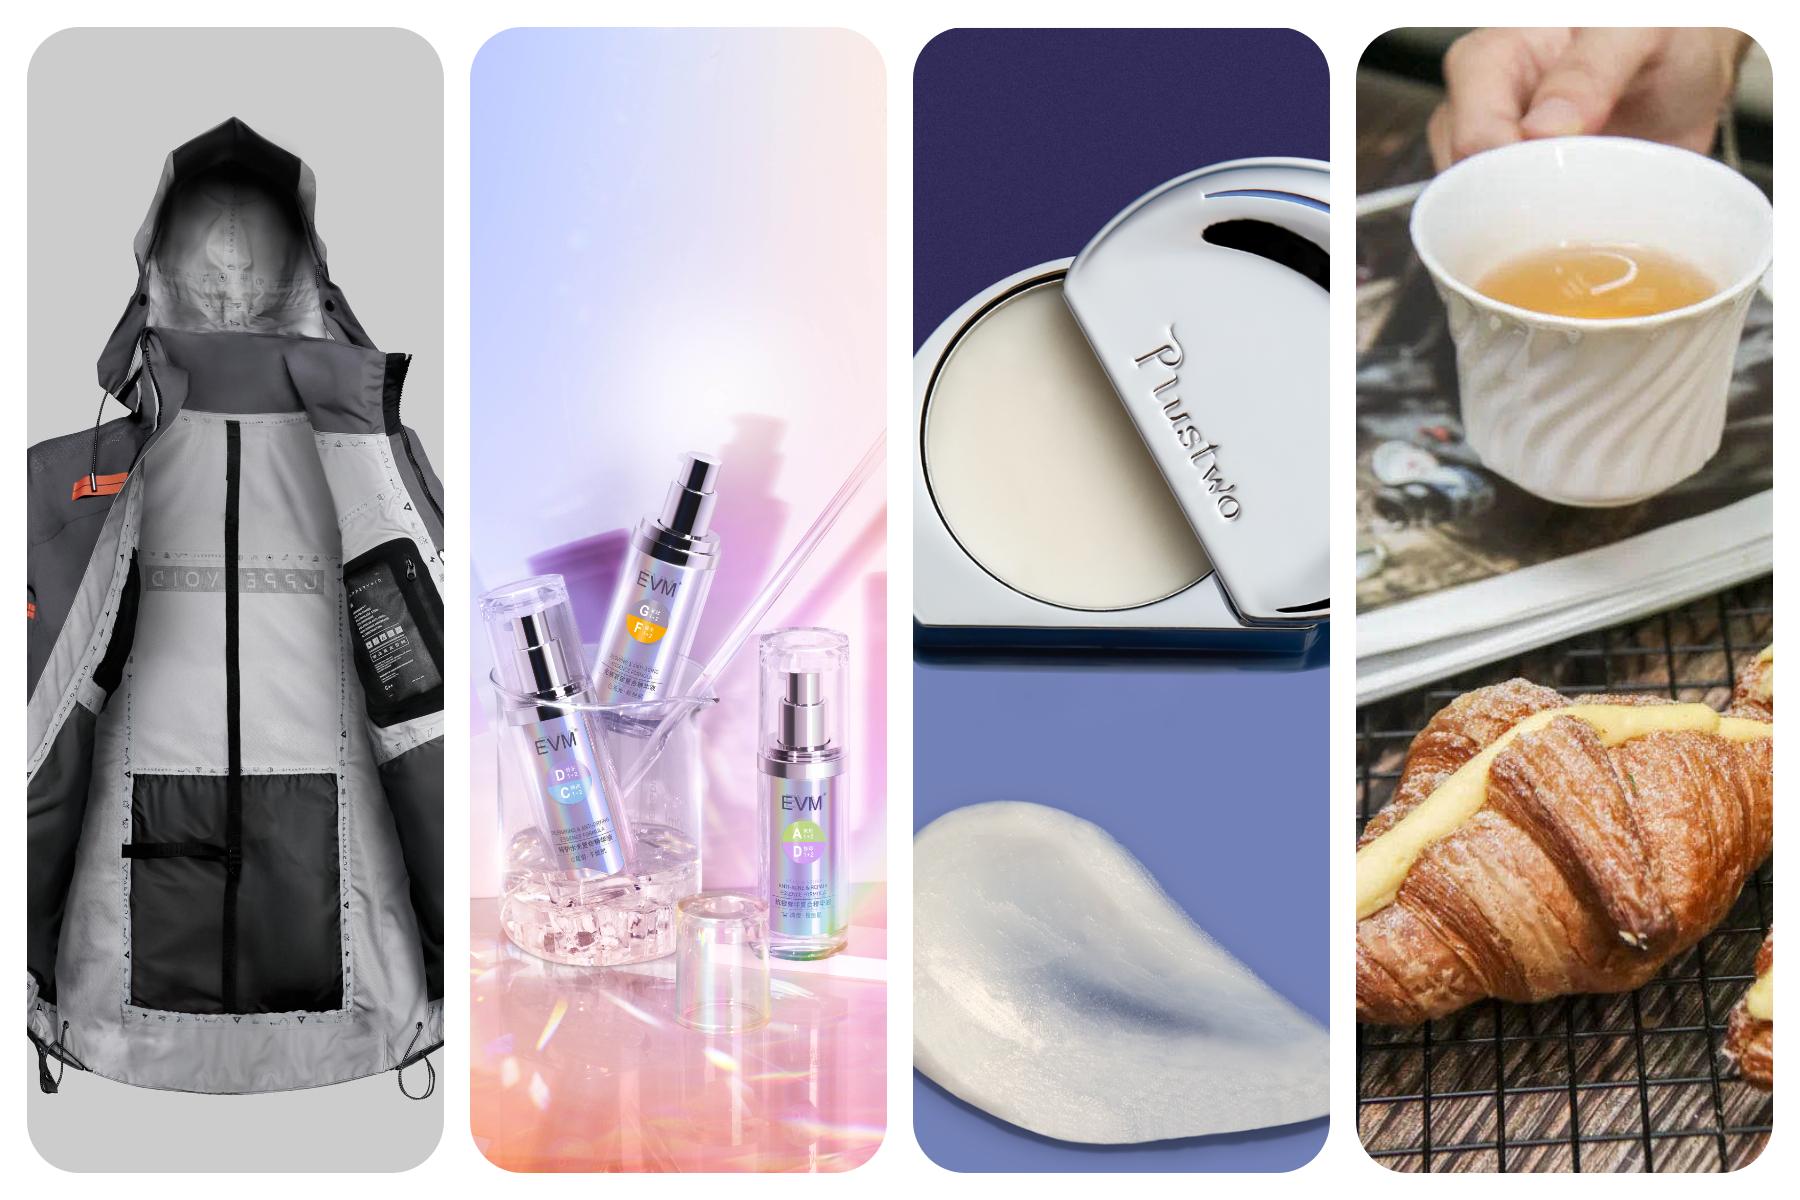 【华丽中国投资周报】2021年第1期:开年第一周,中国时尚消费领域16家企业融资达成